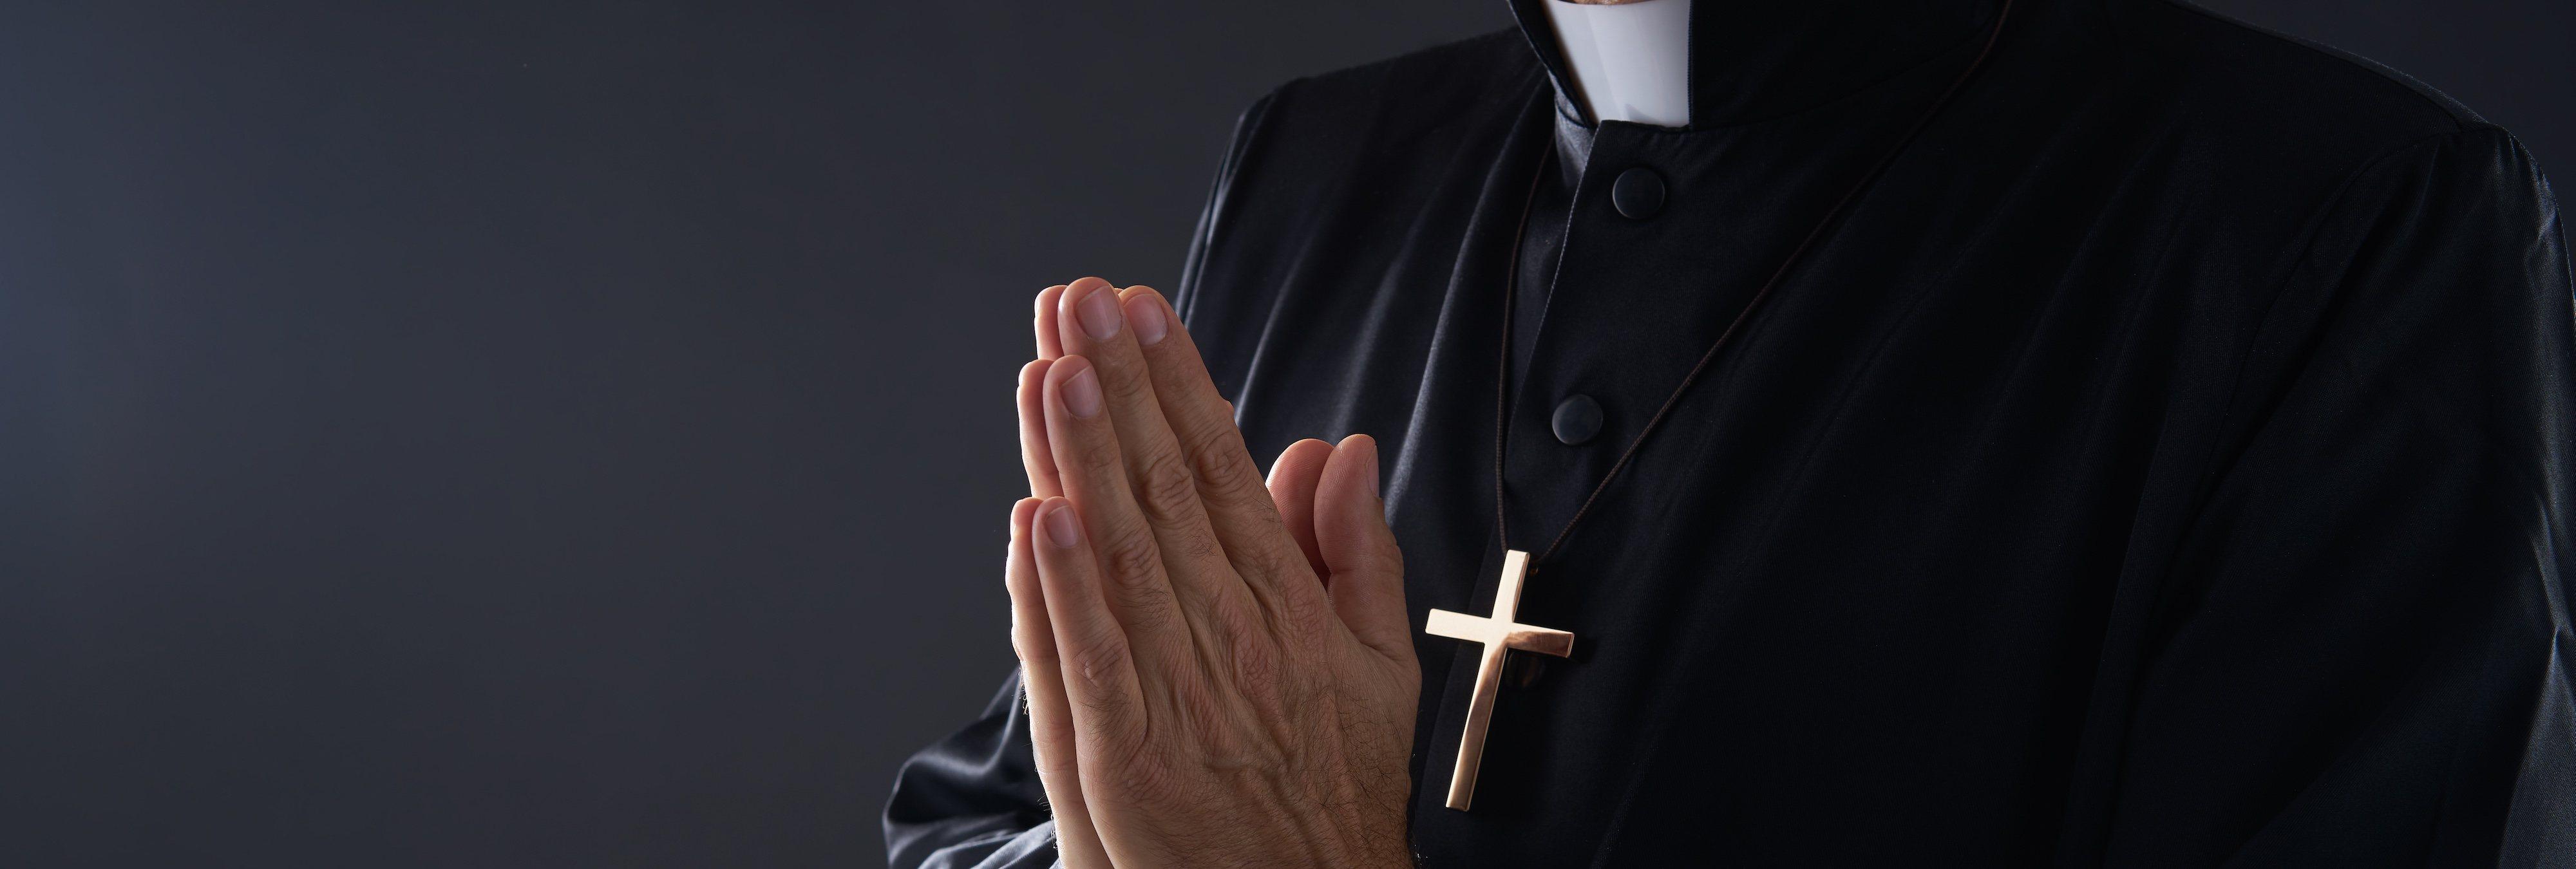 Dos actores porno protagonizan una hoja parroquial sobre el diálogo de la familia